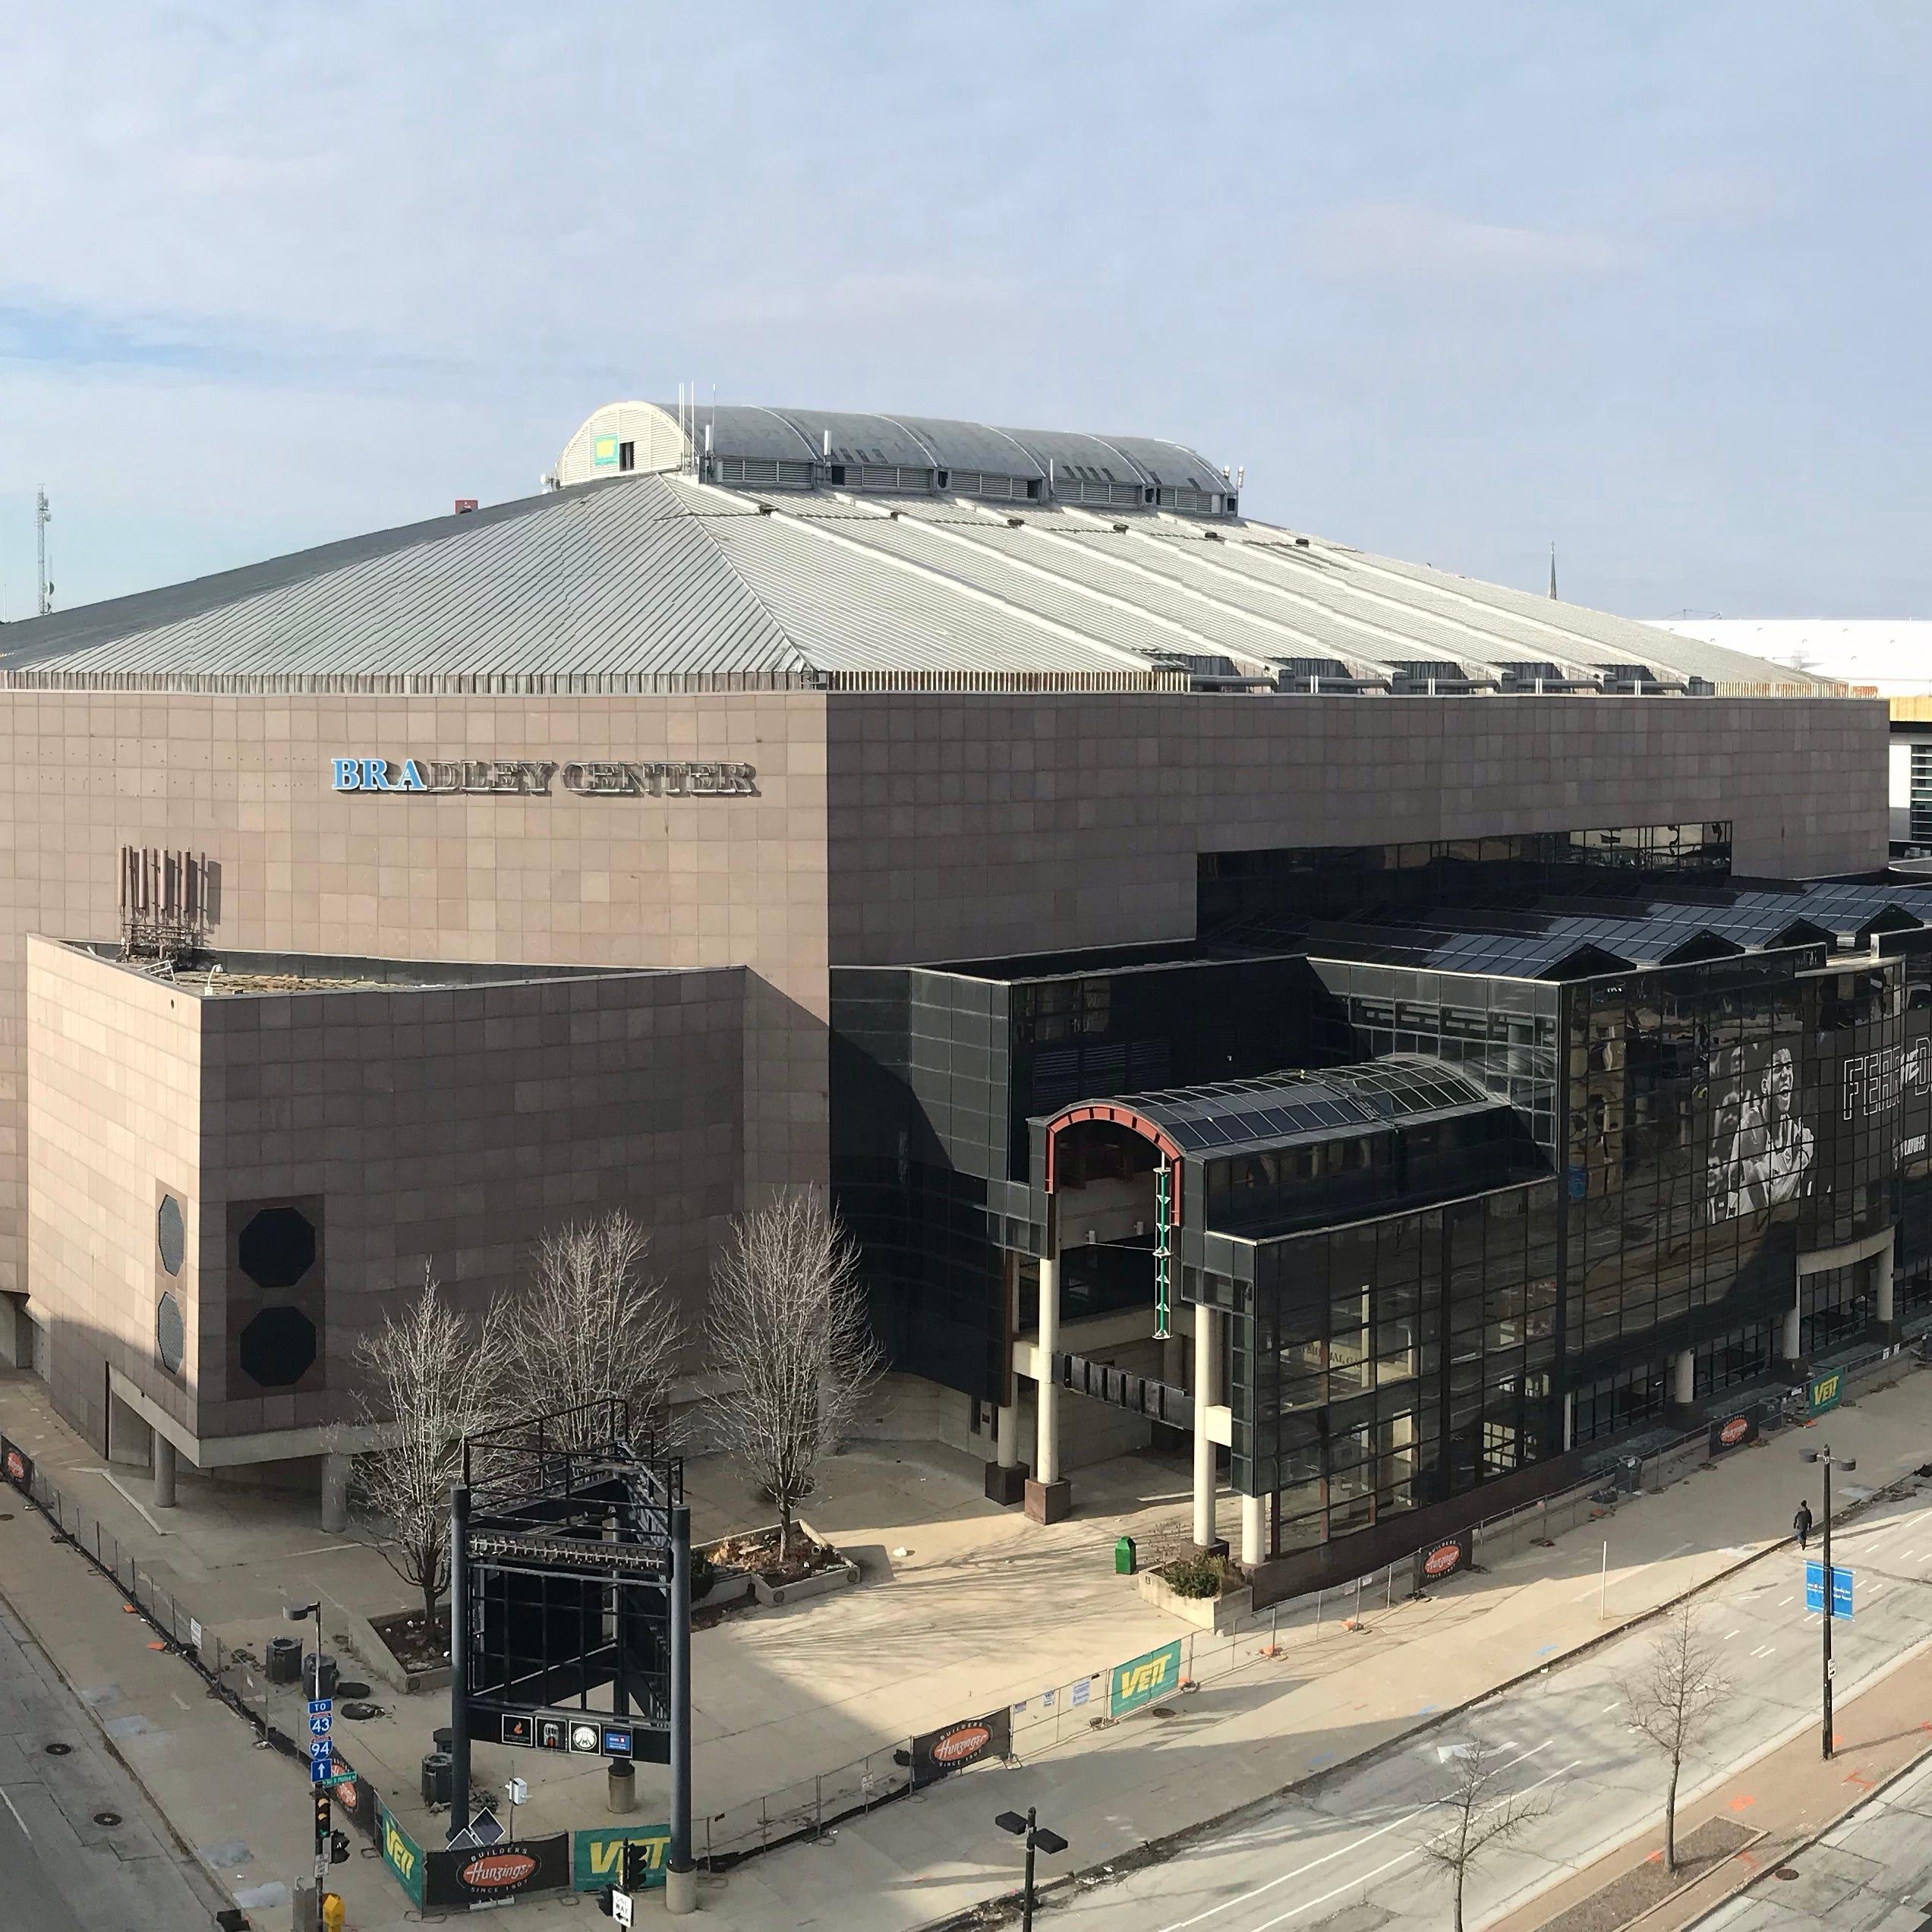 Live Video: Bradley Center roof demolition